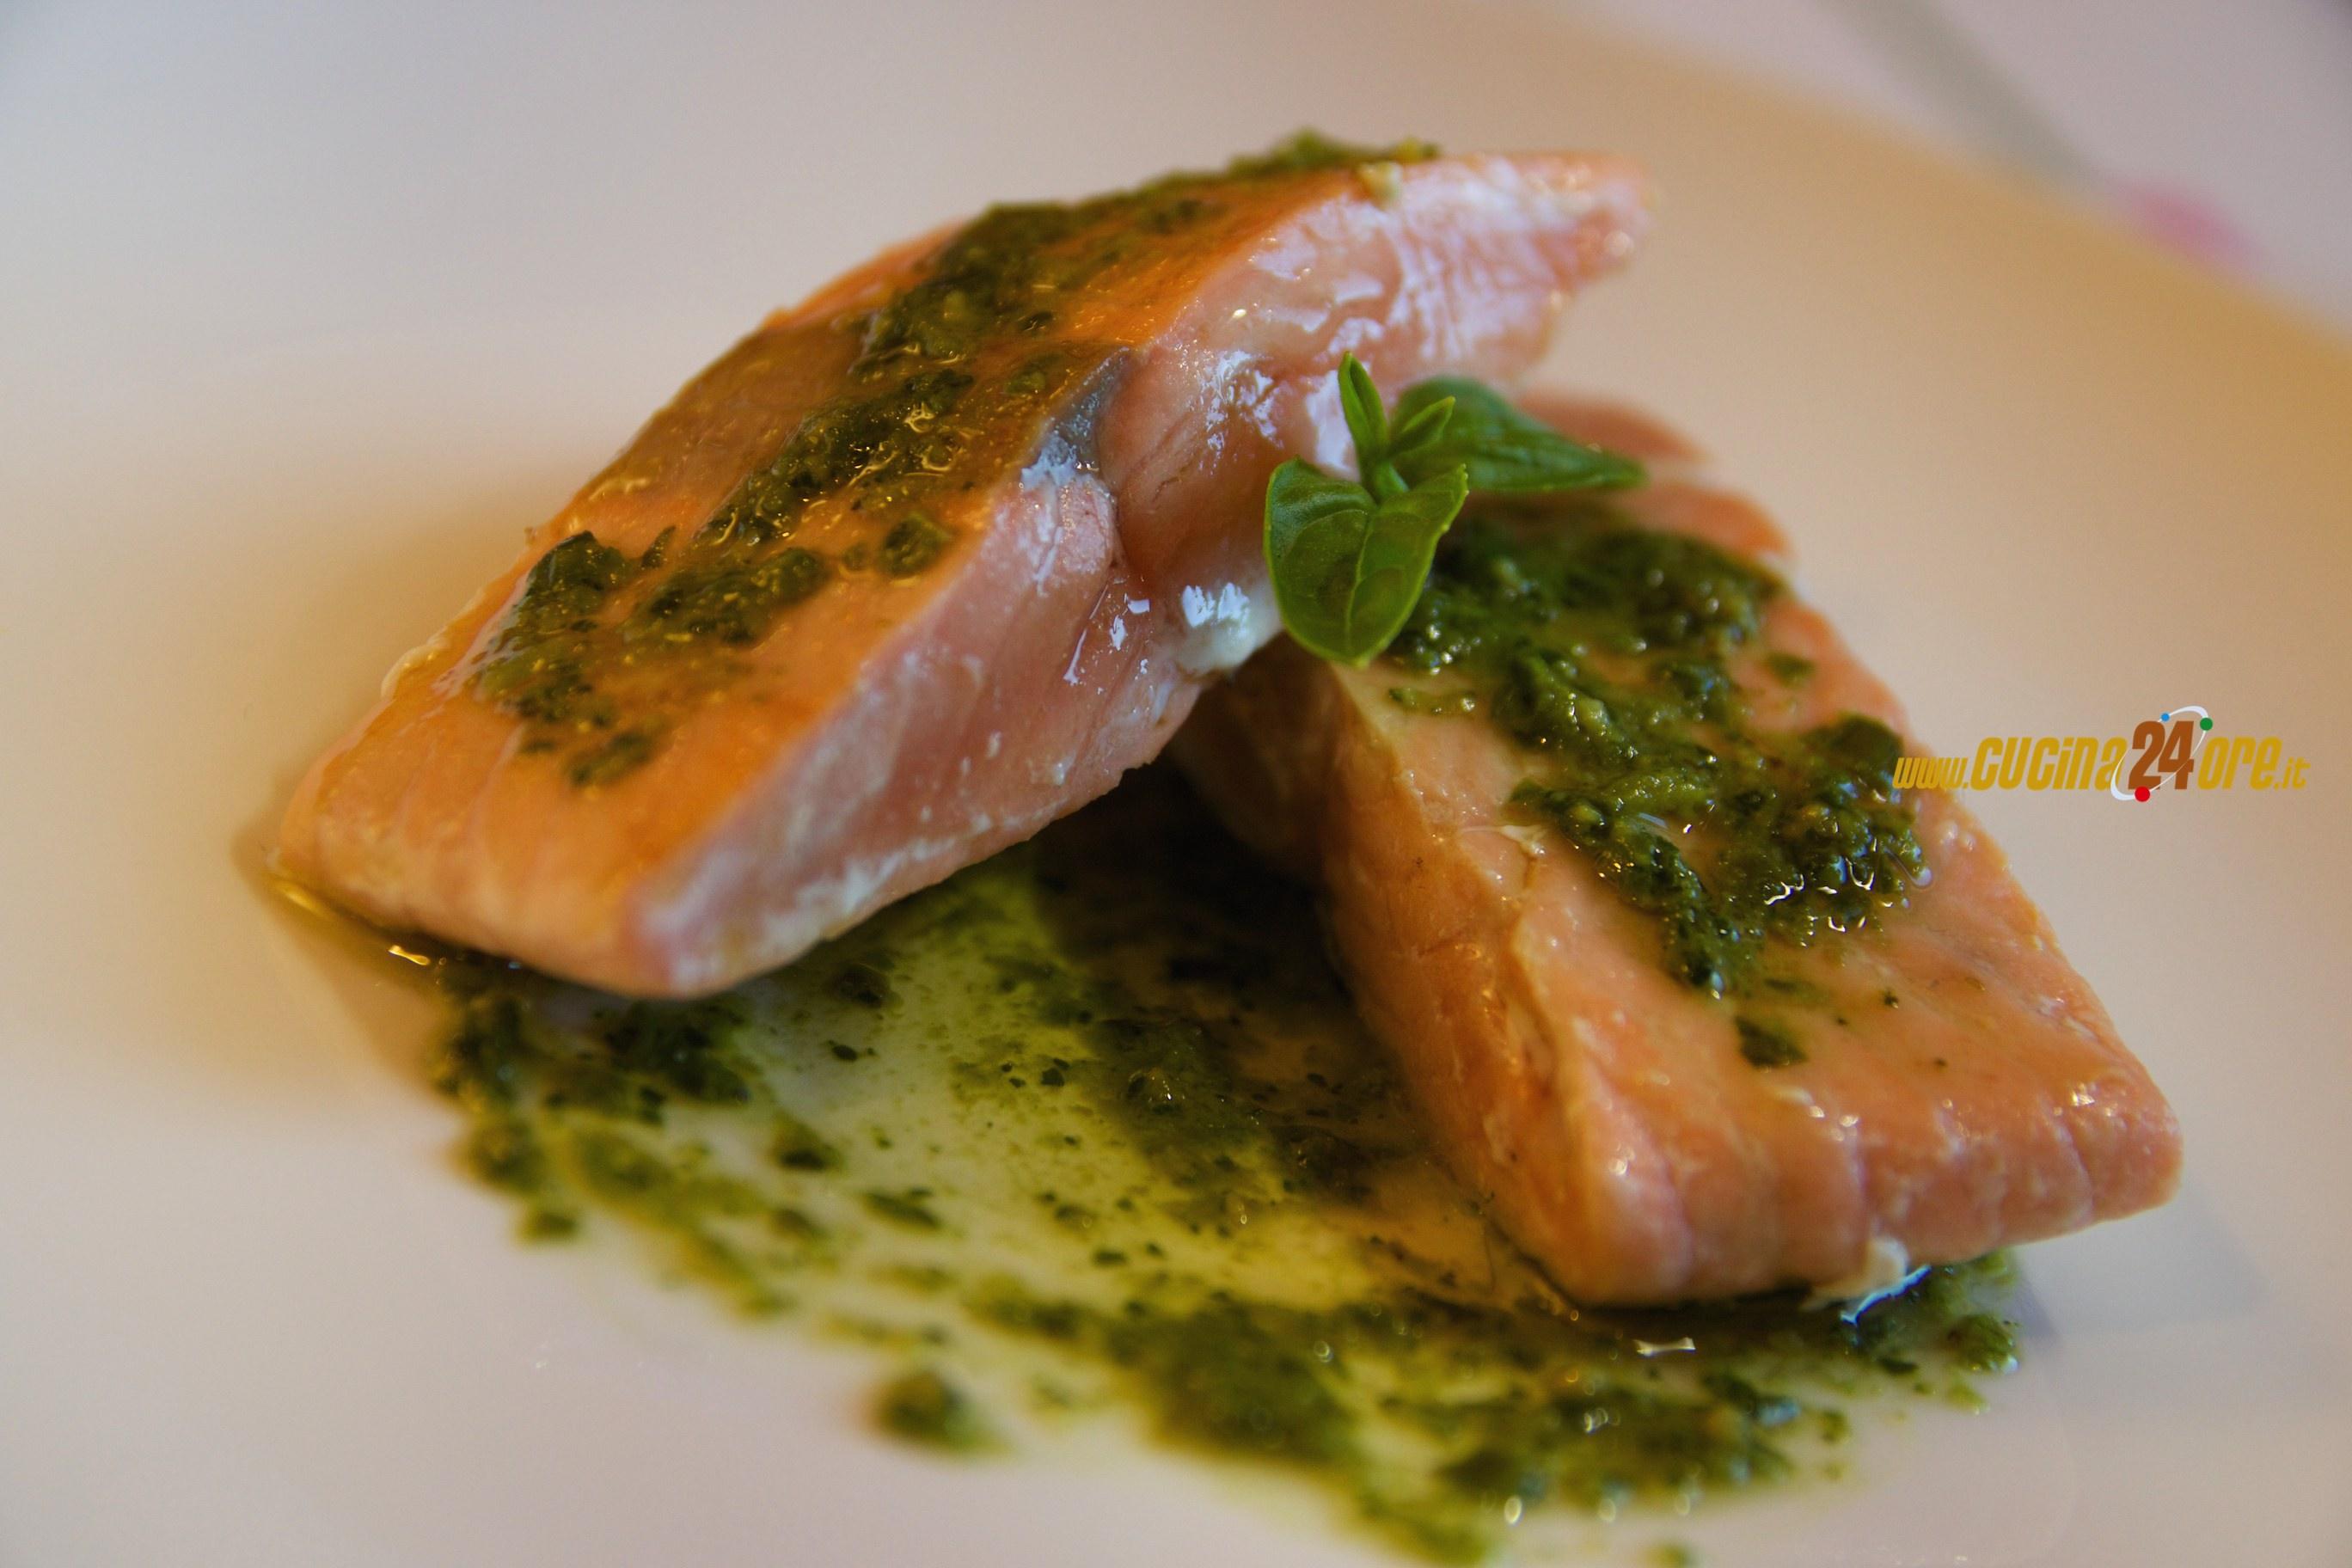 Salmone con pesto al basilico secondo di pesce velocissimo foto